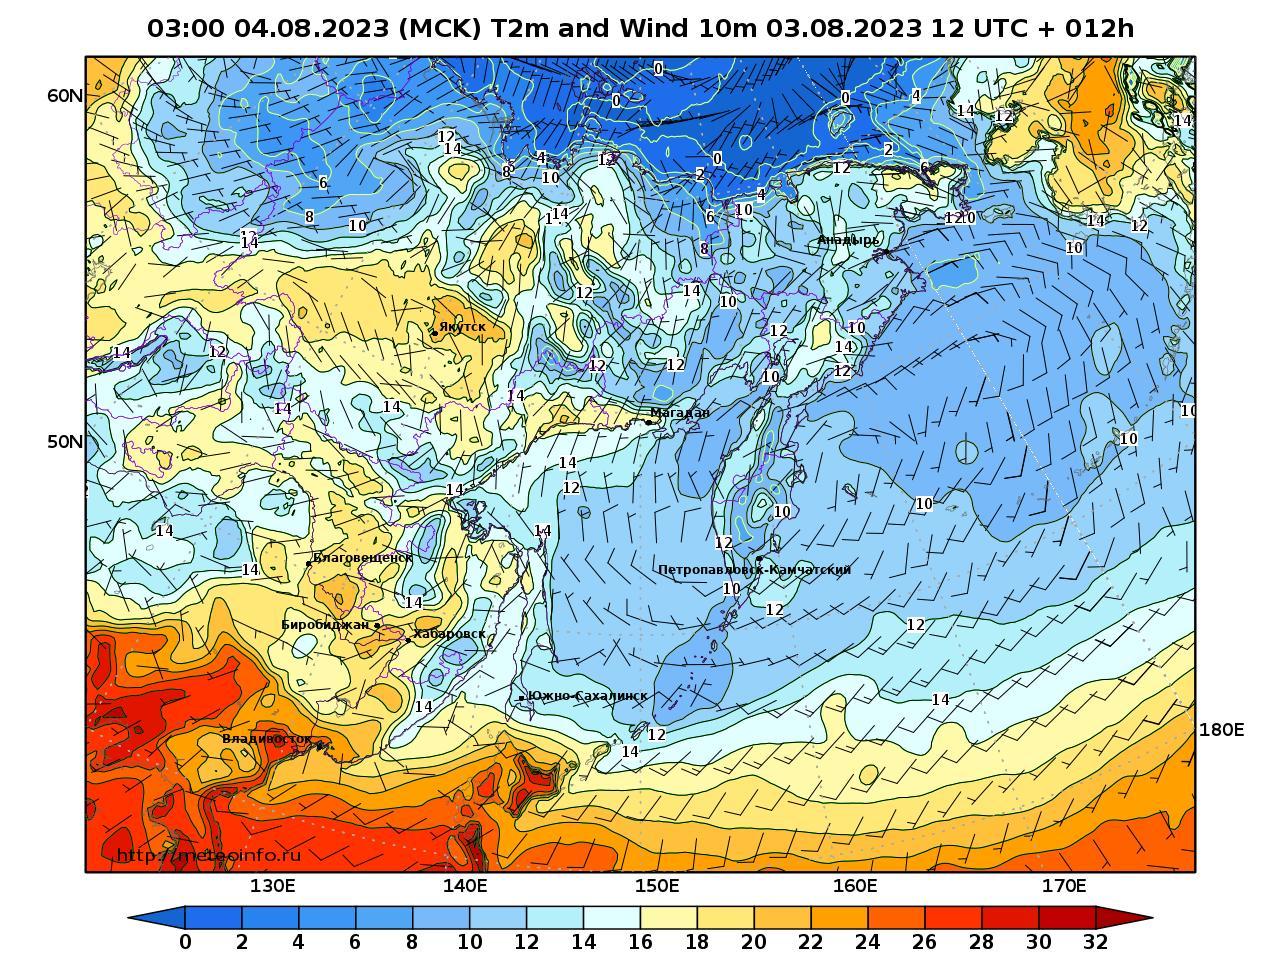 Дальний Восток, прогностическая карта приземная температура, заблаговременность прогноза 12 часов